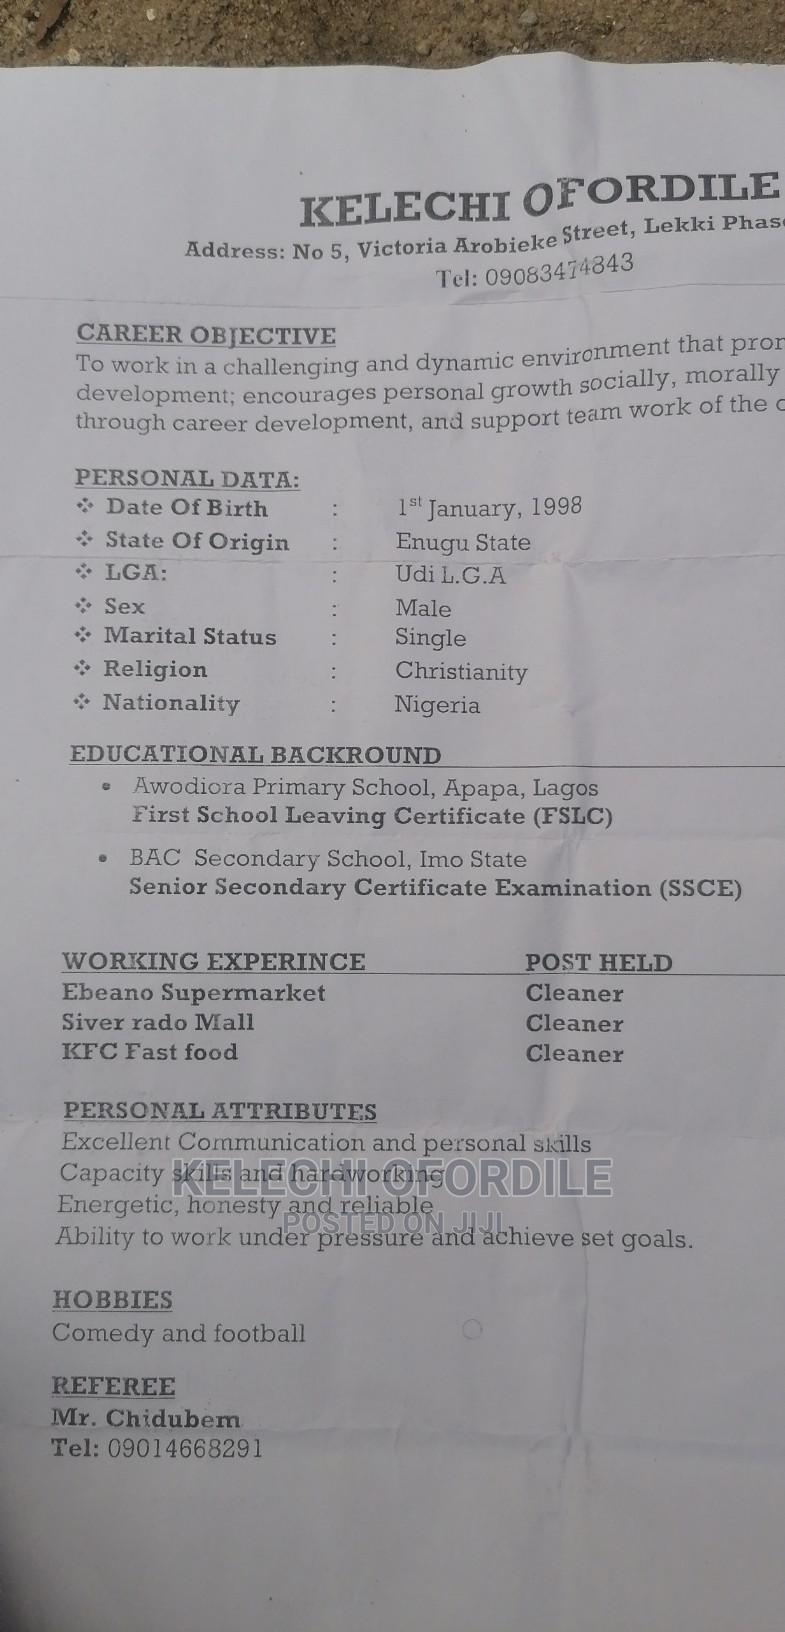 Housekeeping Cleaning CV